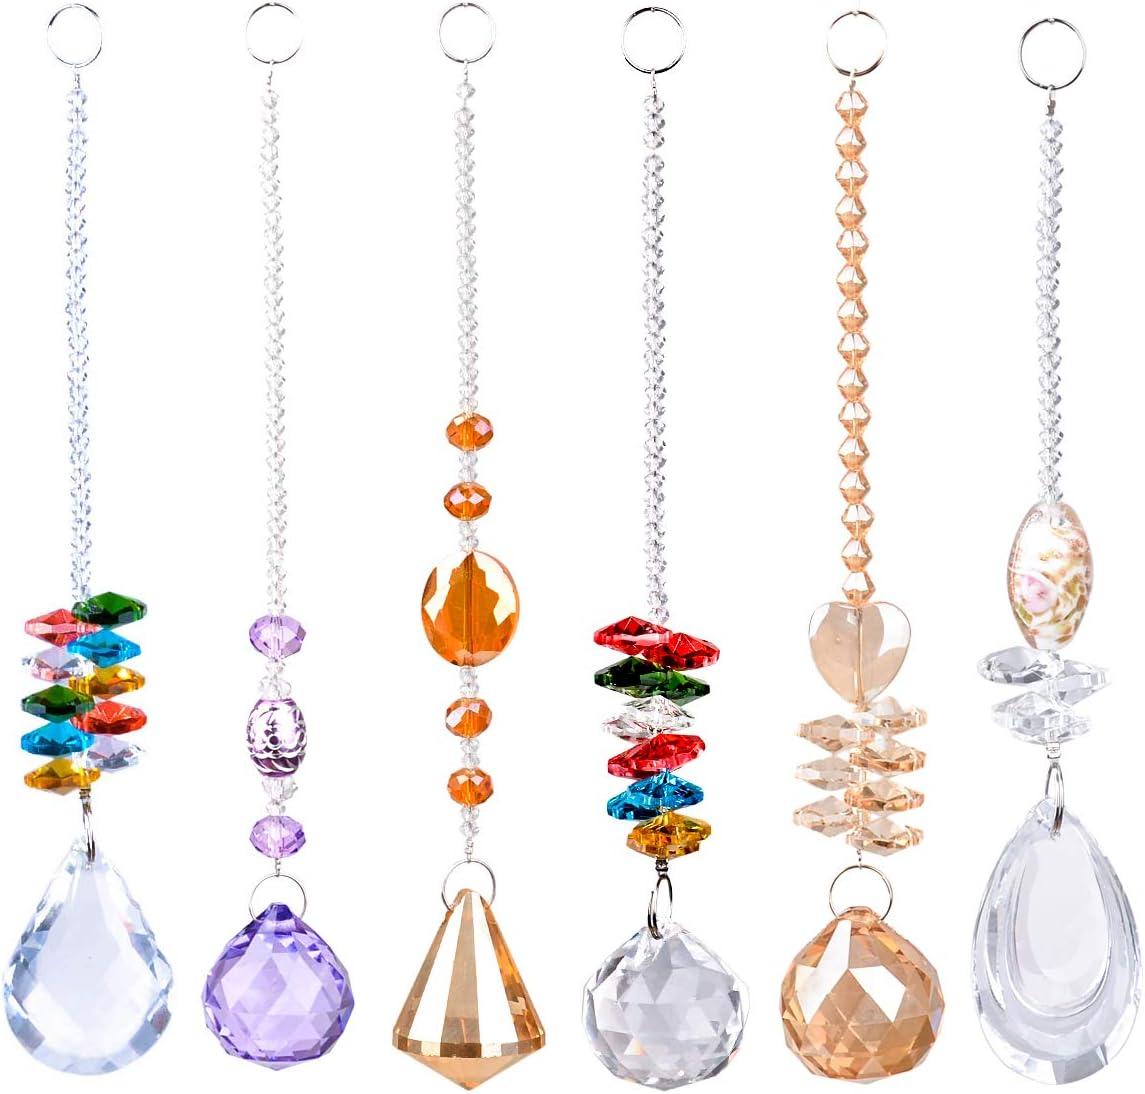 Elegante candelabro Suncatcher, bolas de cristal brillantes, prisma de arcoíris para el hogar, oficina, jardín, decoración para colgar en ventanas, octogonal, juego de 6 en forma de lágrima